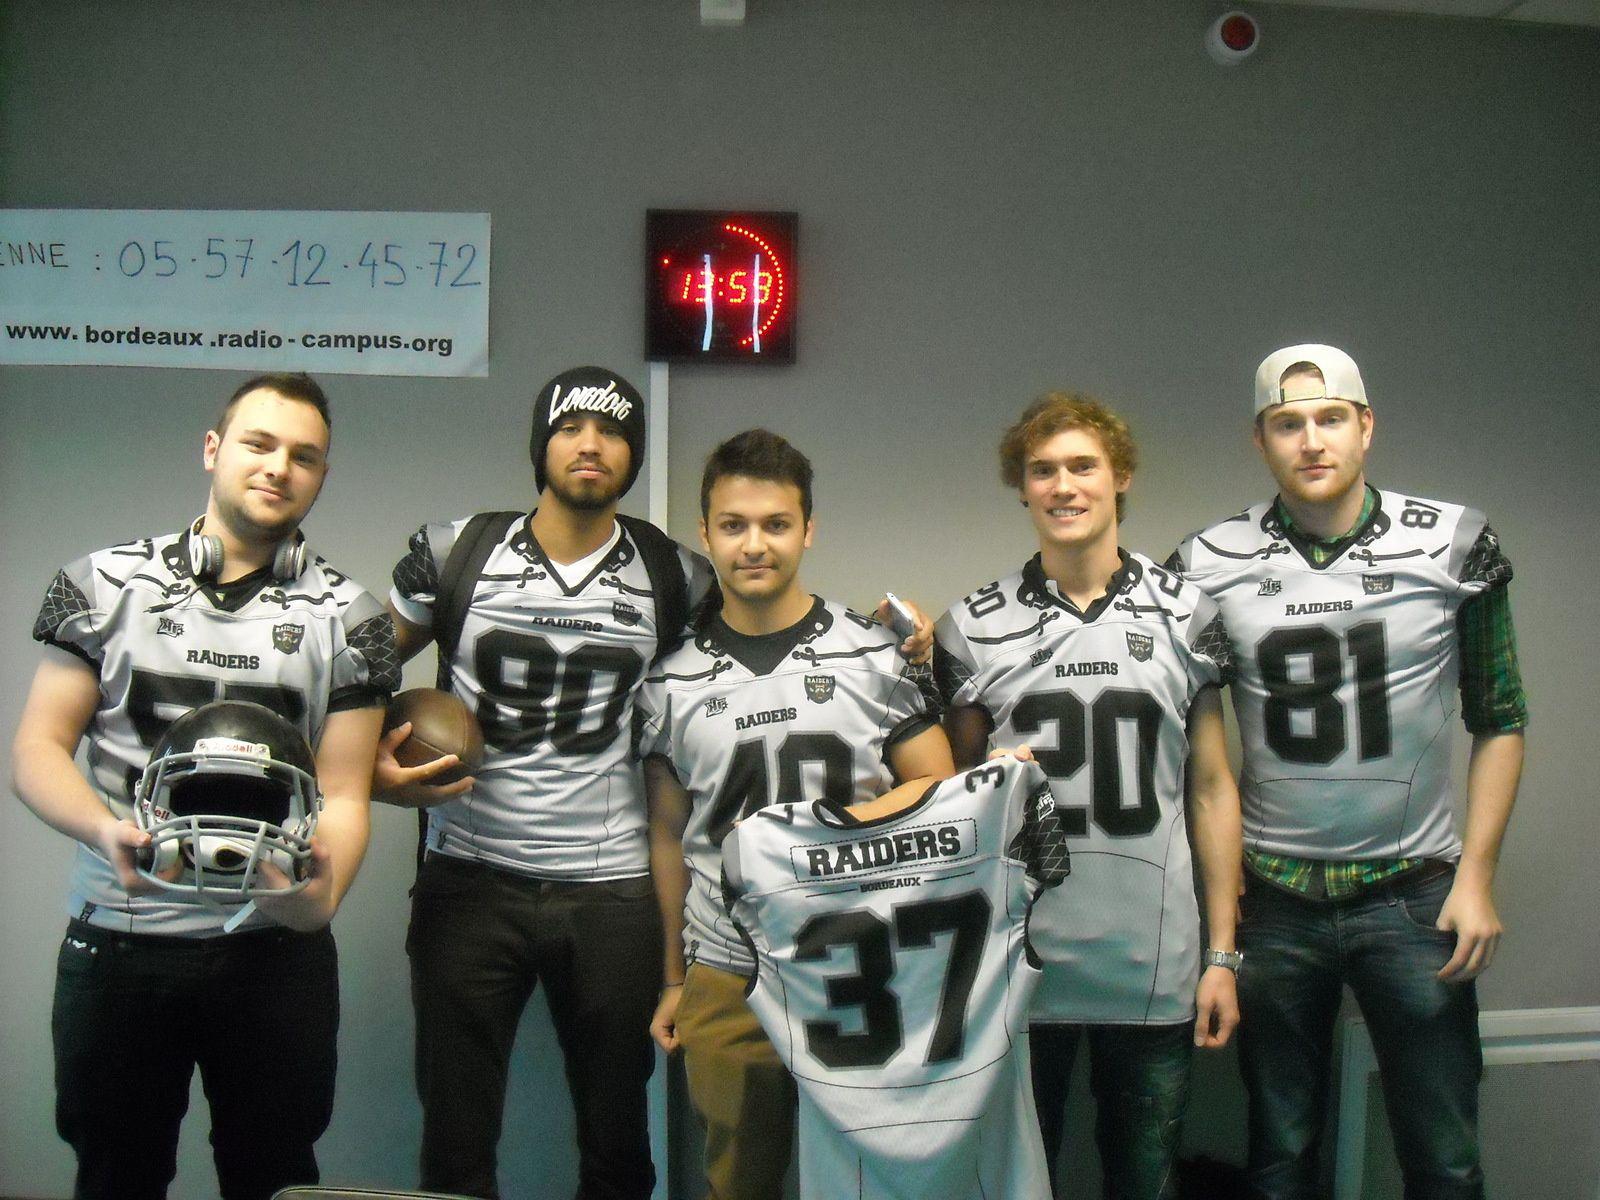 Sport Campus Football Américain - Les Raiders de Bordeaux